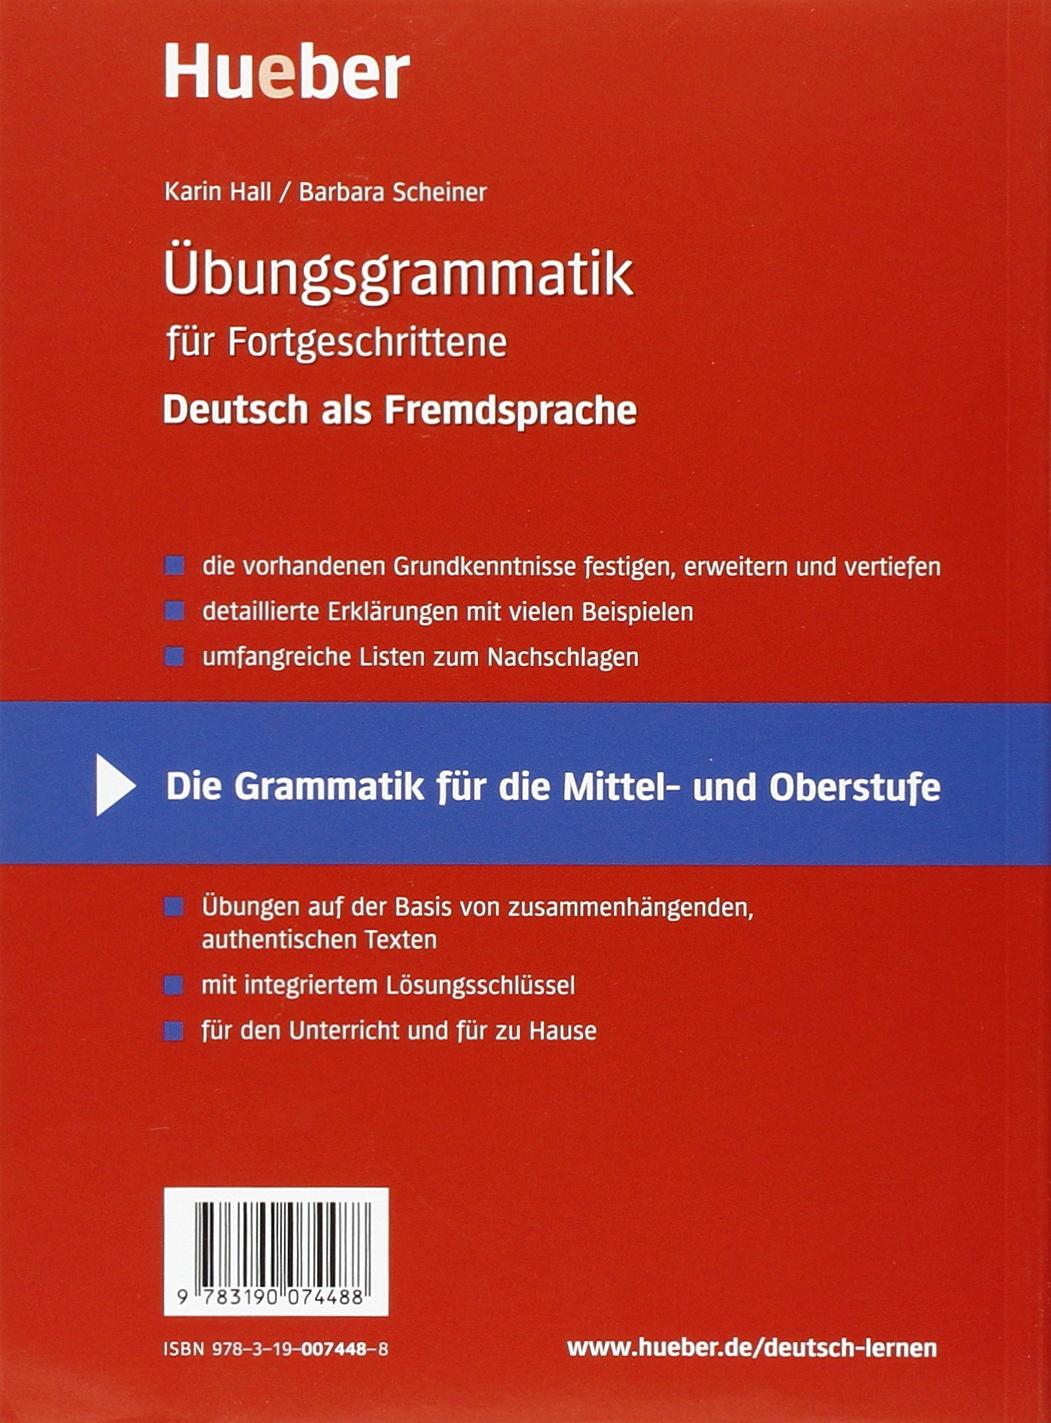 Übungsgrammatik DaF für Fortgeschrittene, neue Rechtschreibung, Übungsbuch:  Amazon.de: Karin Hall, Barbara Scheiner: Bücher